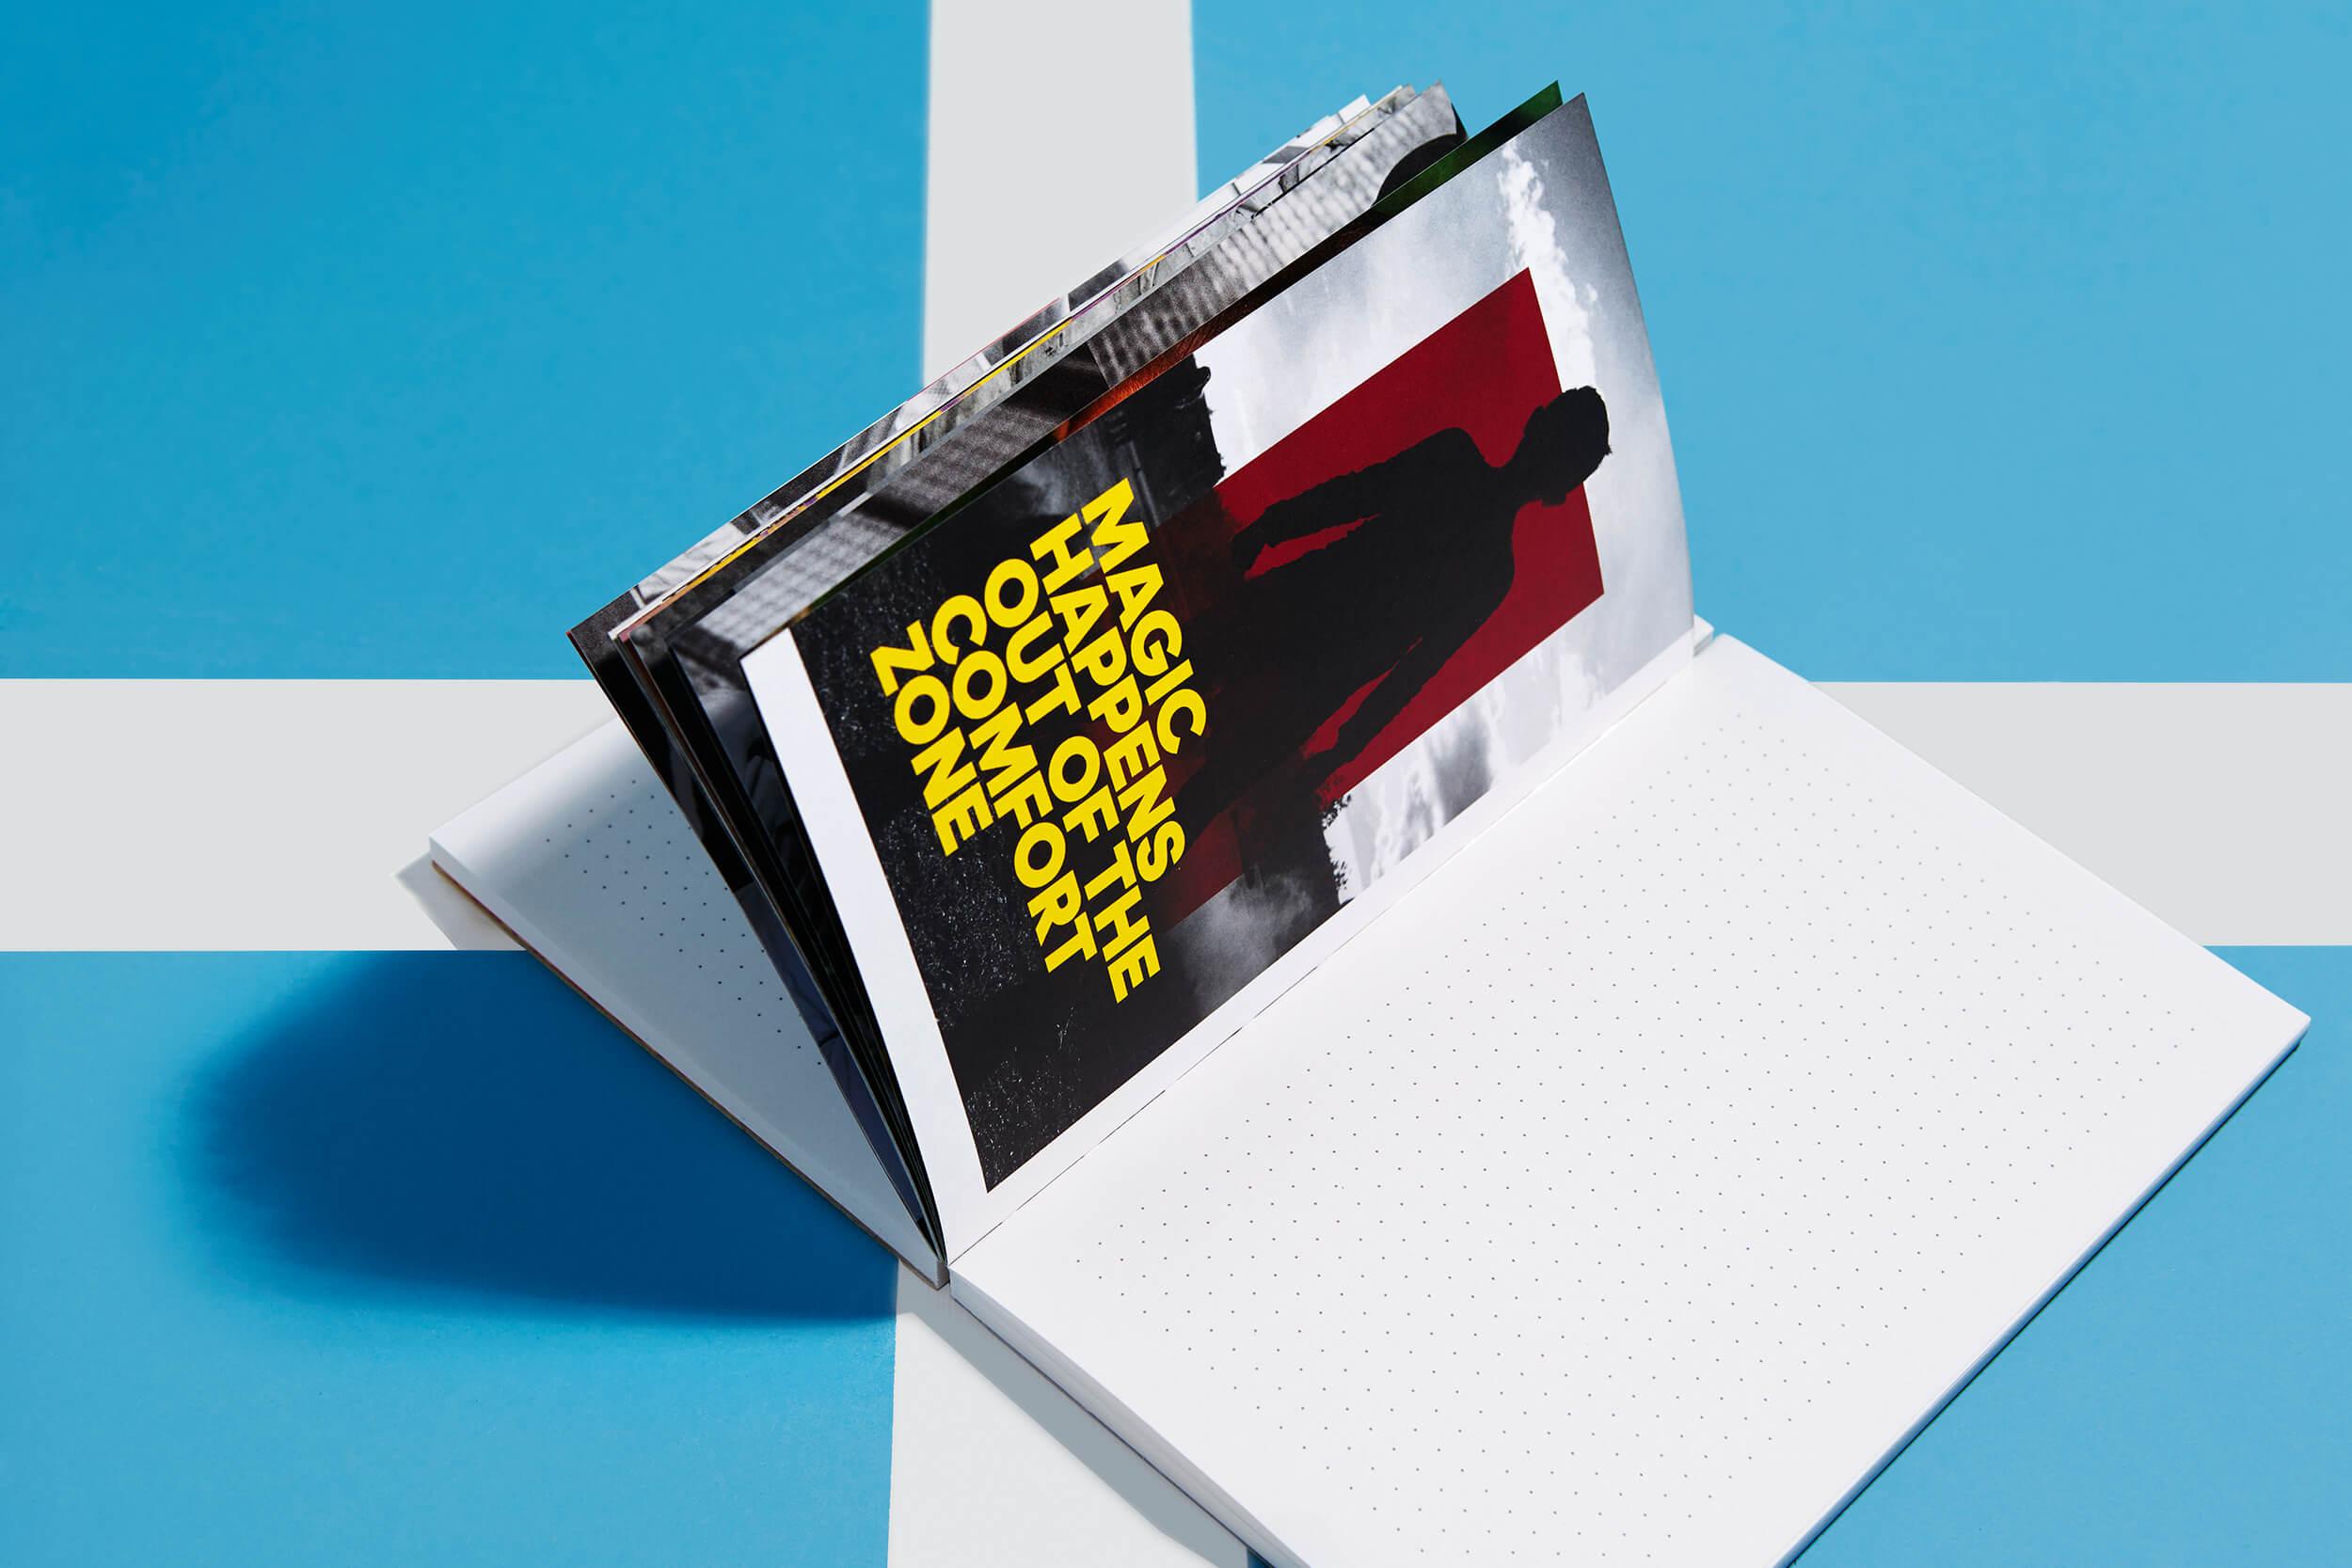 adidas idea book '15 – Nachhaltiges Corporate Notizbuch – Brand Communication, Corporate Publishing, Konzept und Design by ELLIJOT, Fotografiert von EyeCandy Berlin